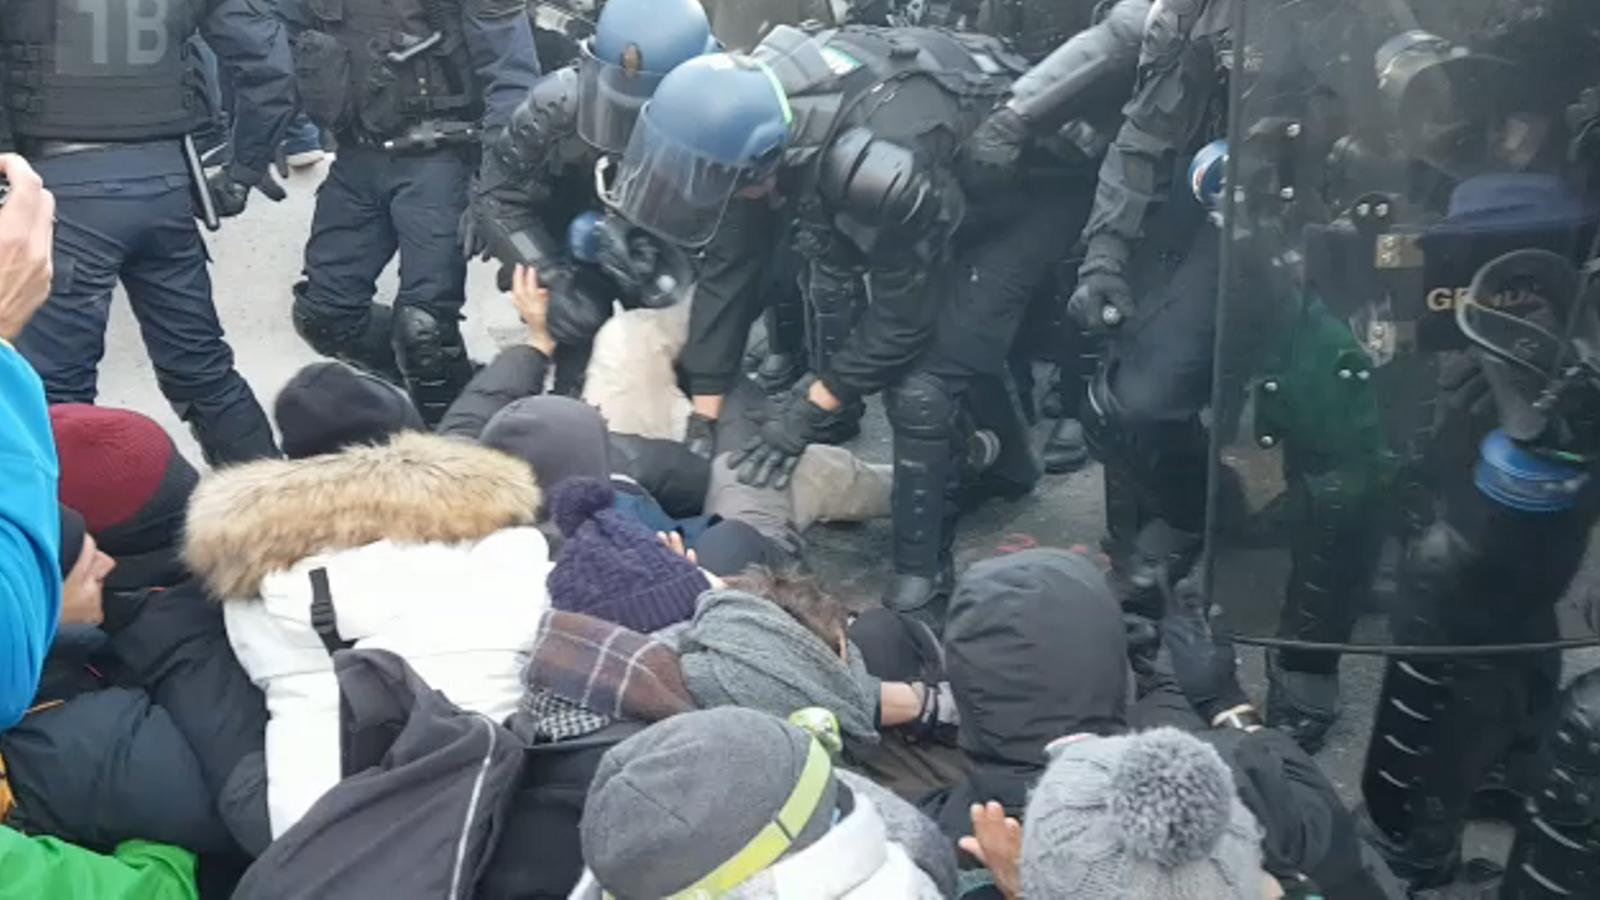 La policia francesa utlitza la tècnica de l'arrencacebes per desallotjar els manifestants